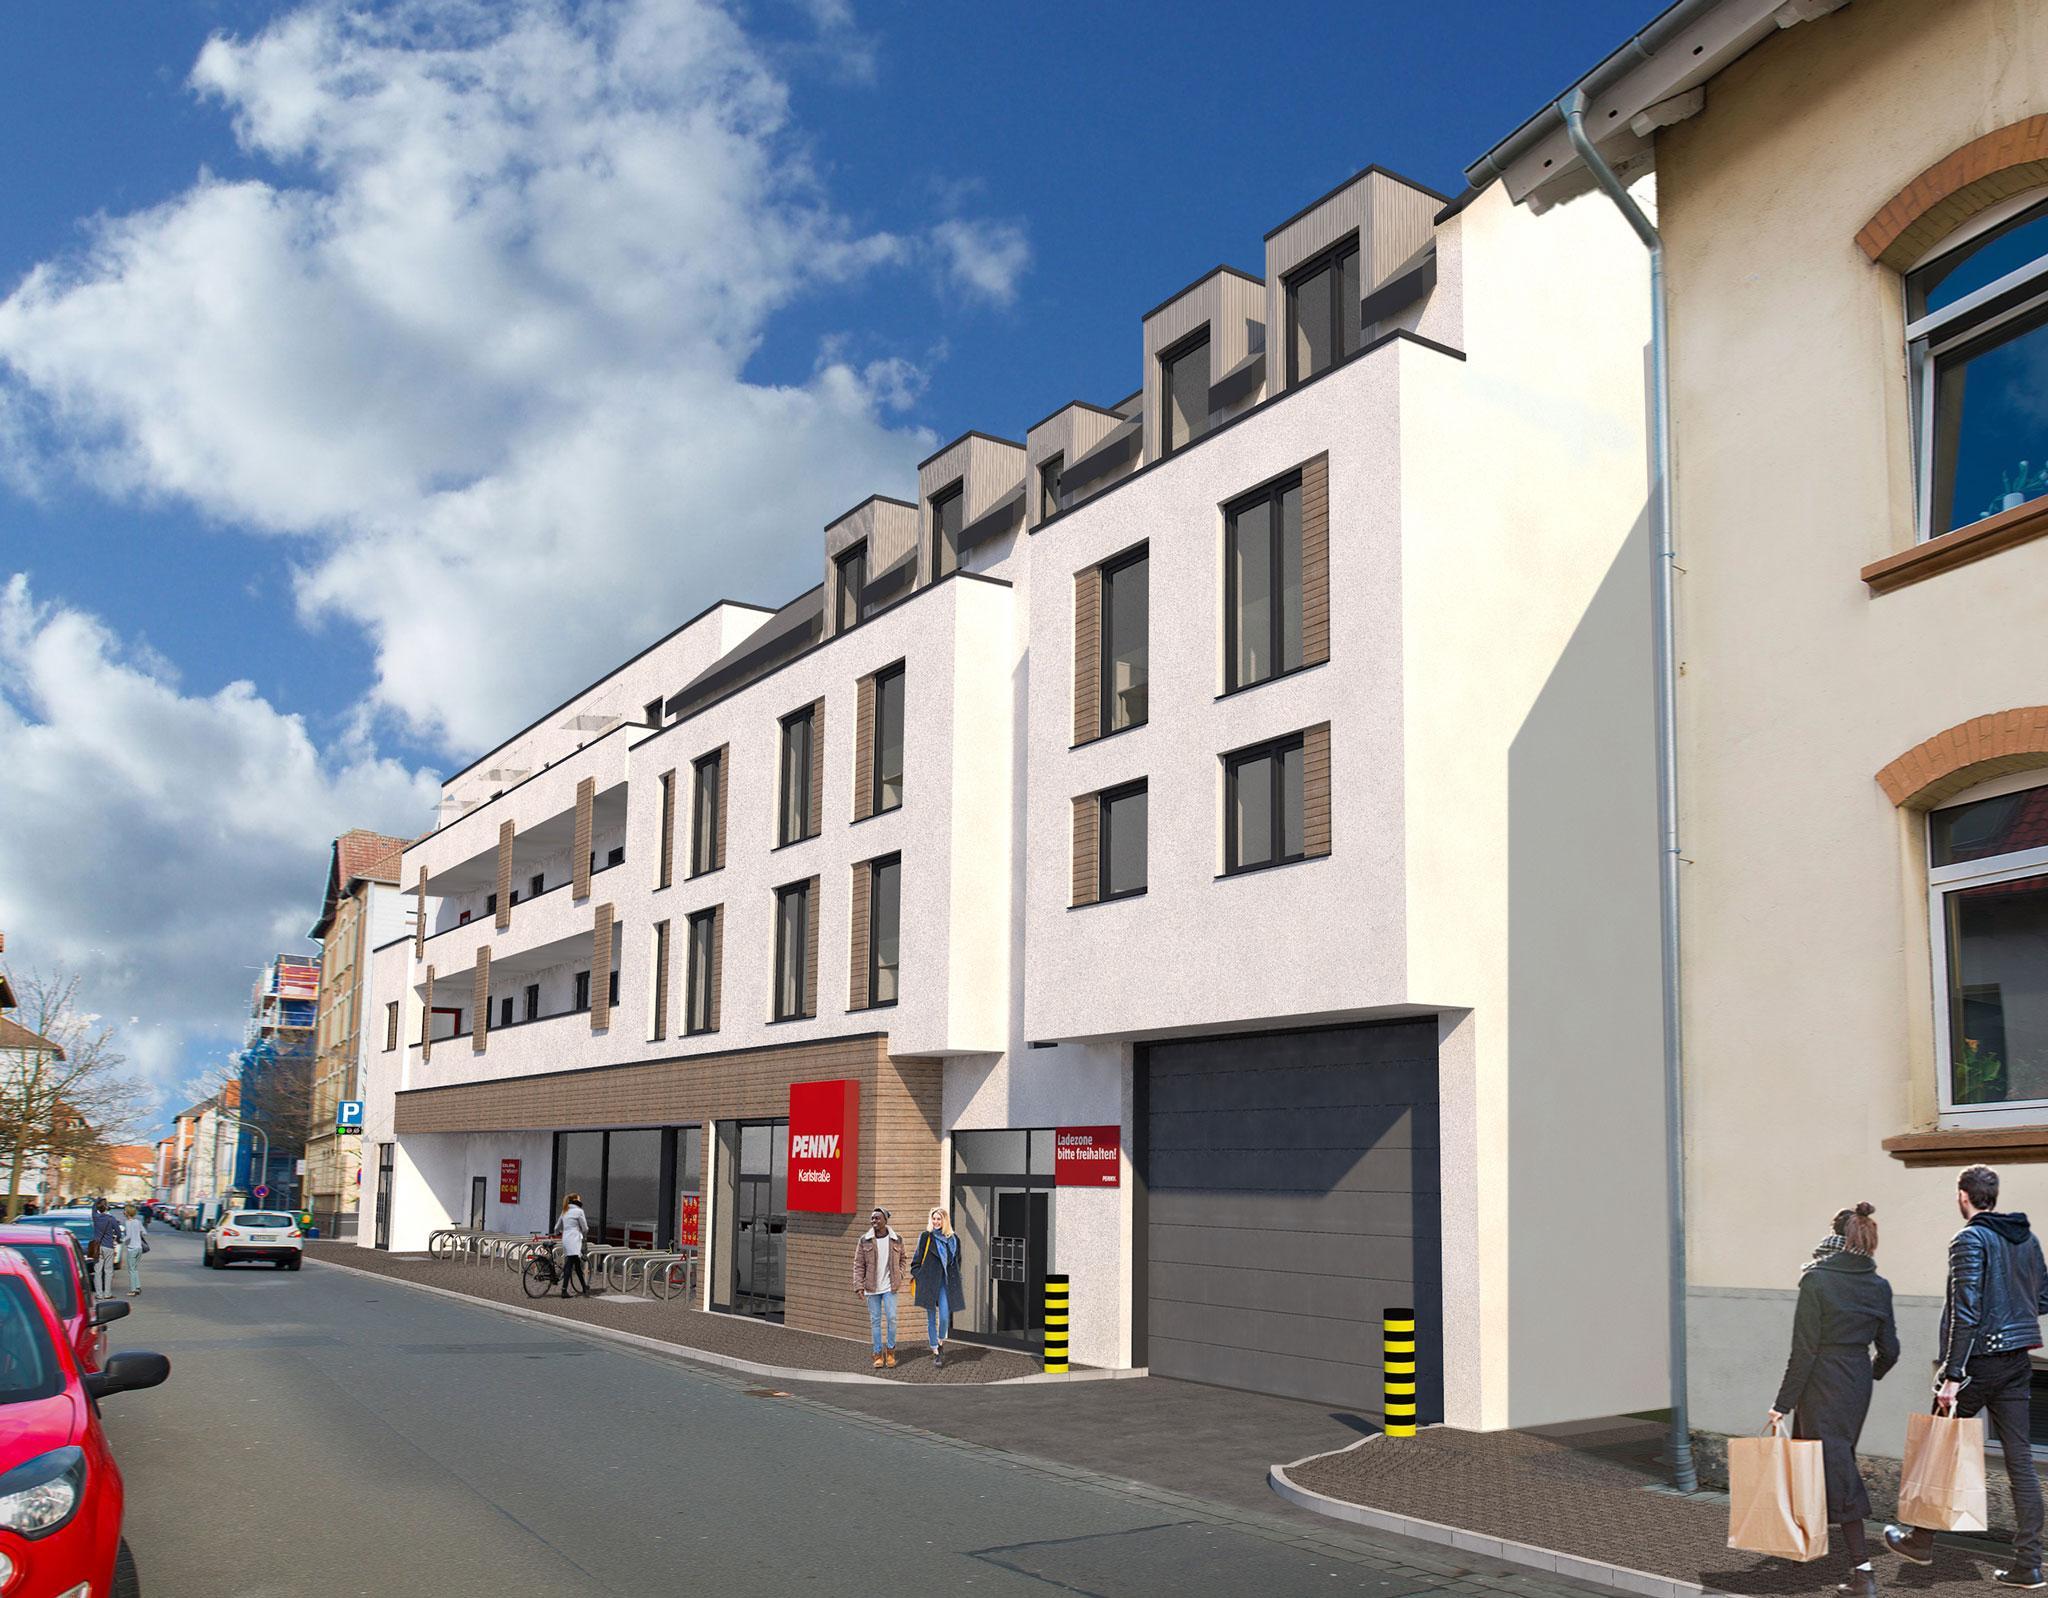 Wohn- und Geschäftshaus mit Tiefgarage Karlstr. 78-80, Braunschweig,